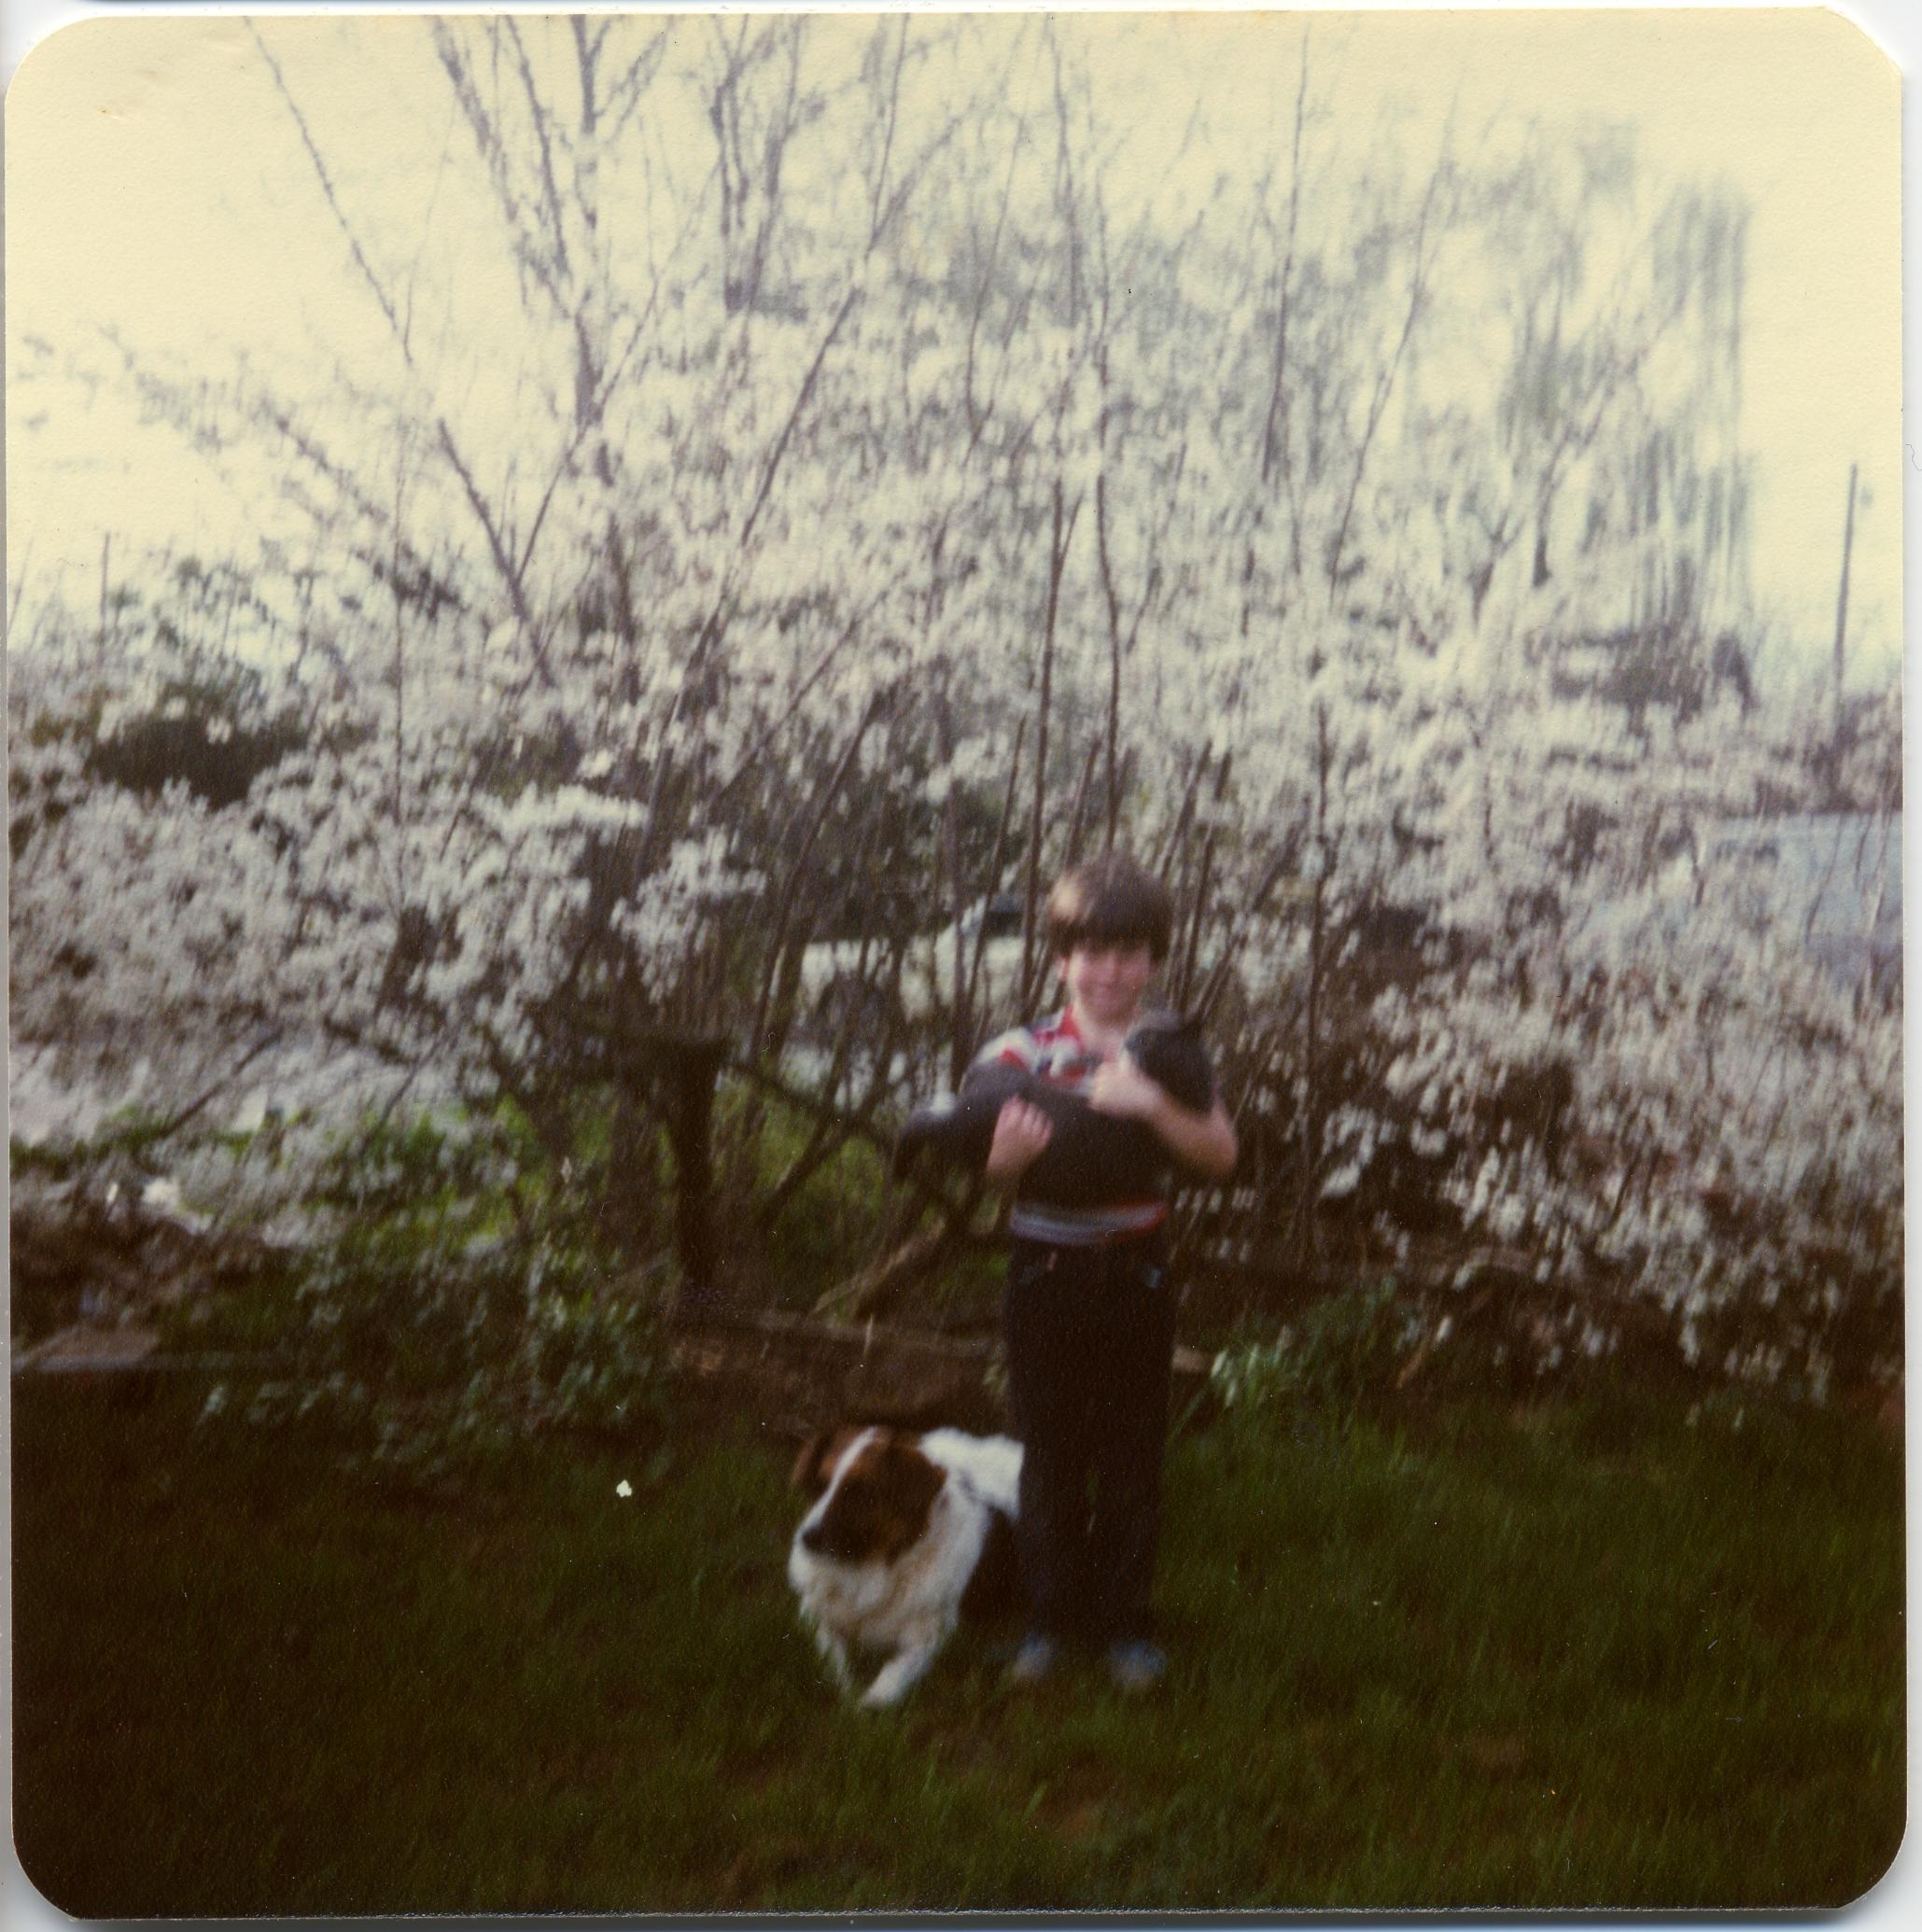 1982 HOLDING GUY W JOHN.jpg